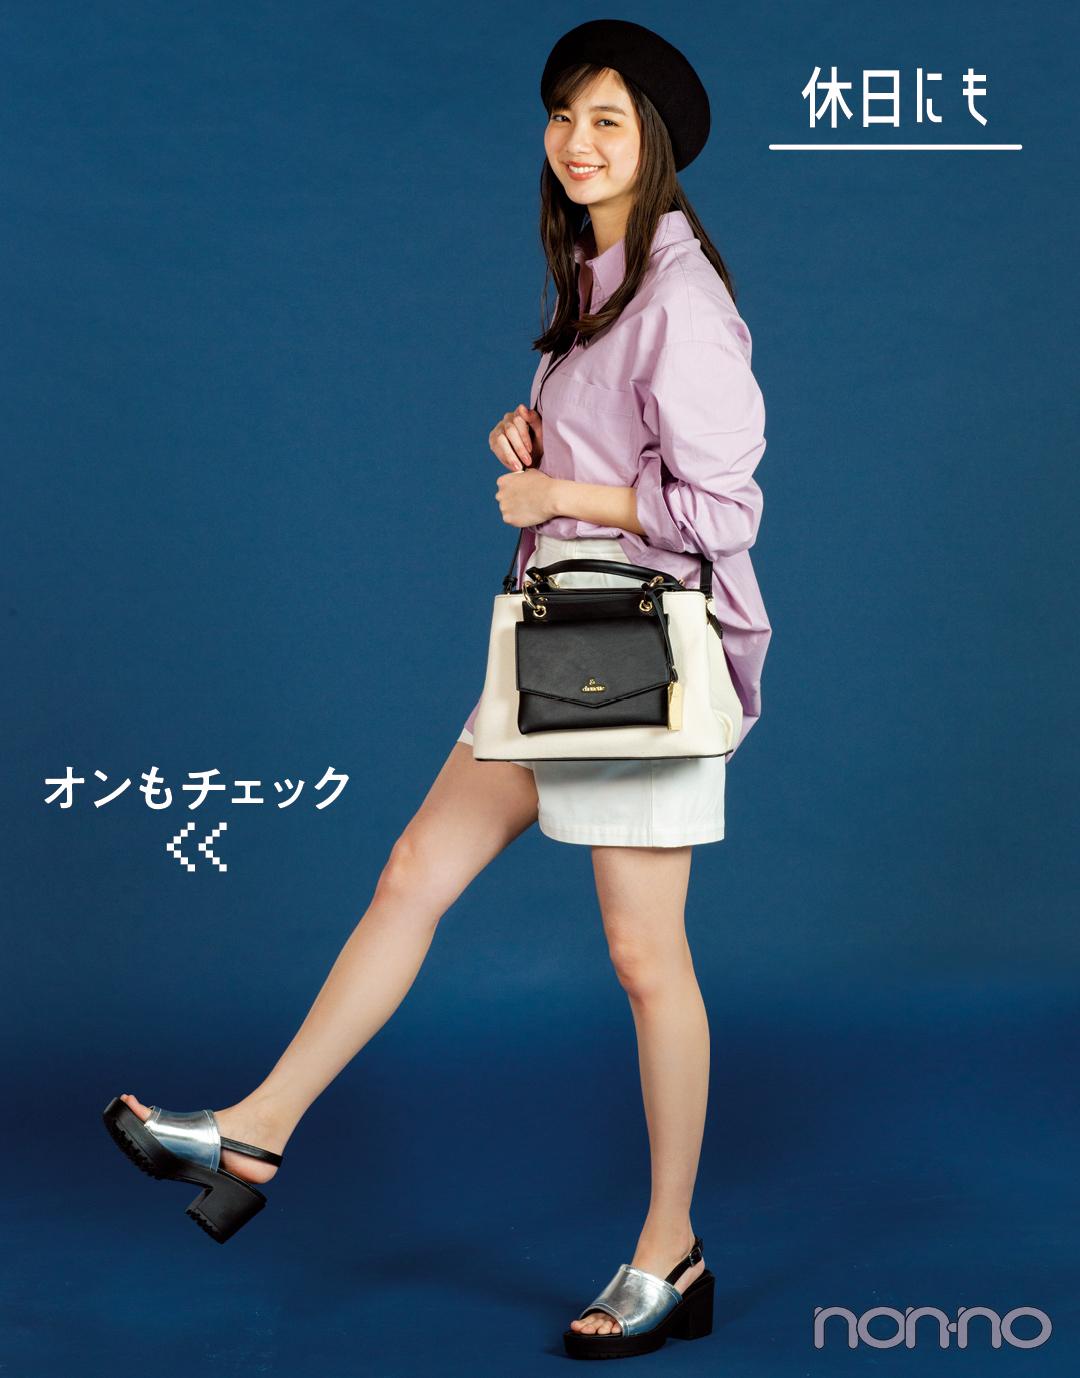 新社会人がバッグを5月に買い替える、そのワケは? 最新おすすめカタログも!_1_7-2